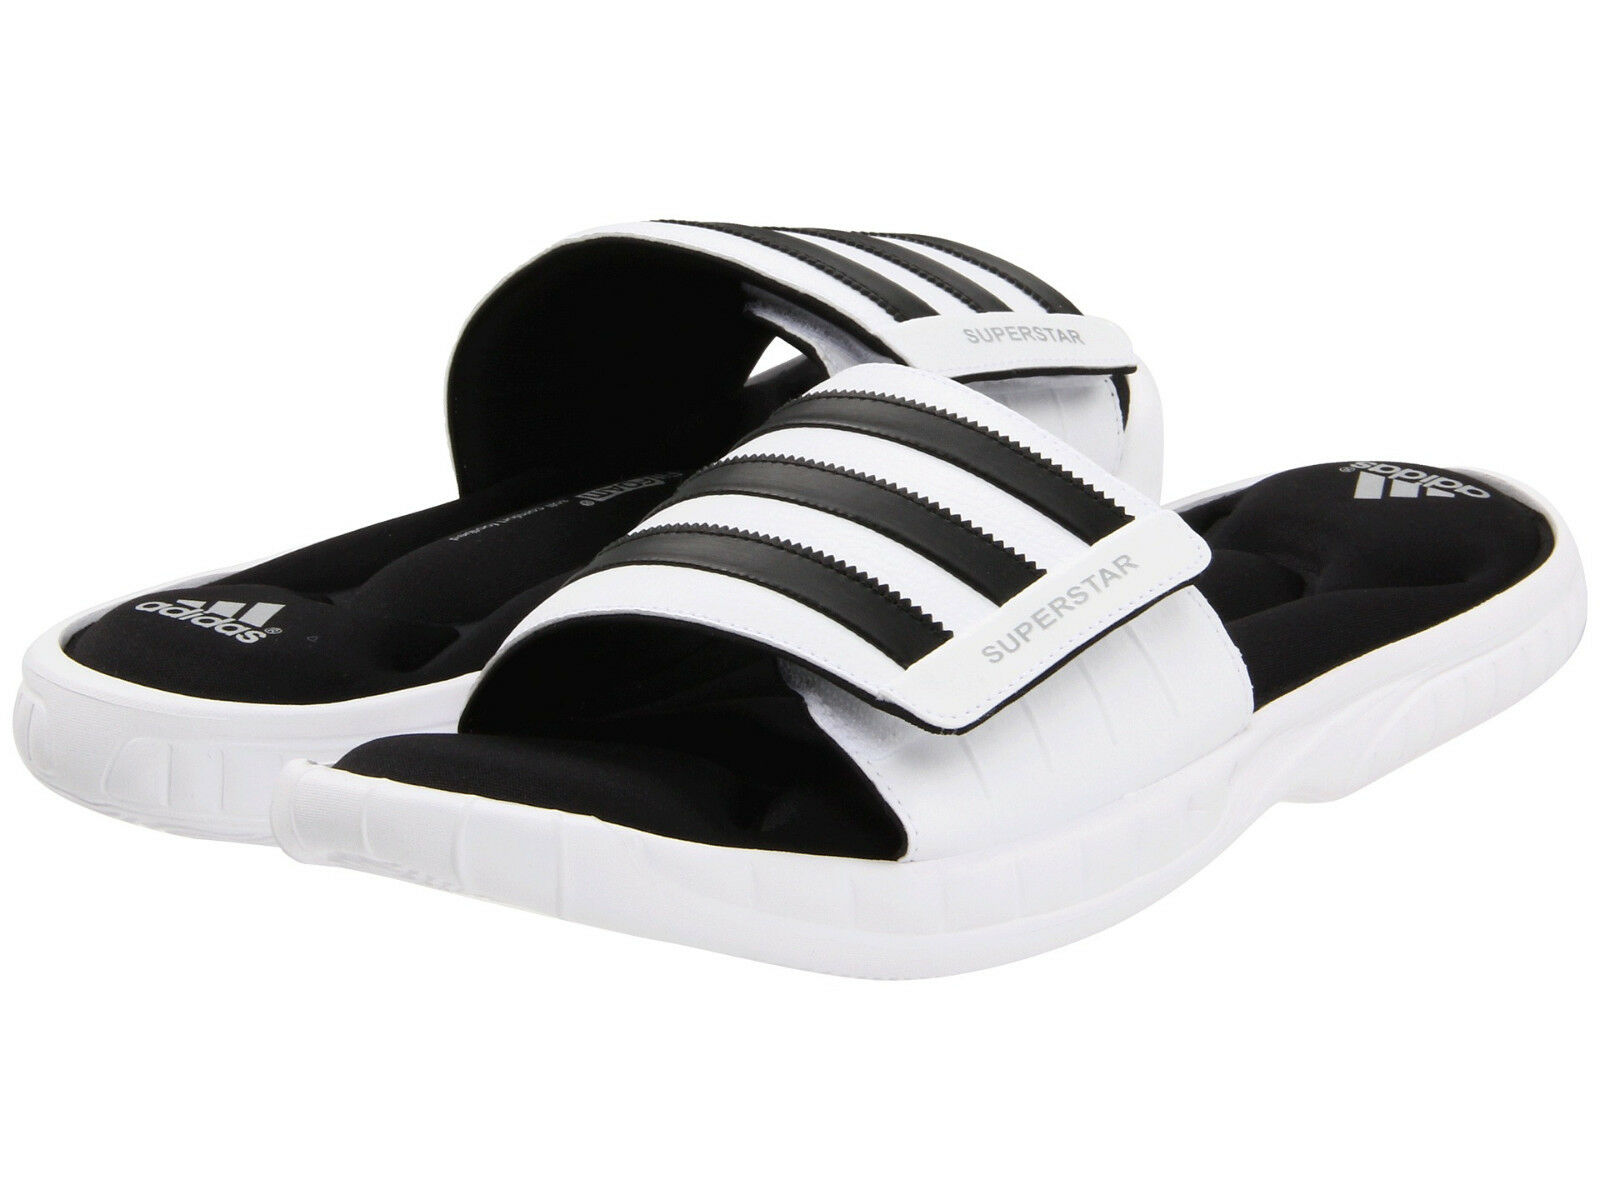 Herren Adidas Superstar 3G White Slides Athletic Sport Sandalen G61951 Größen 8-12